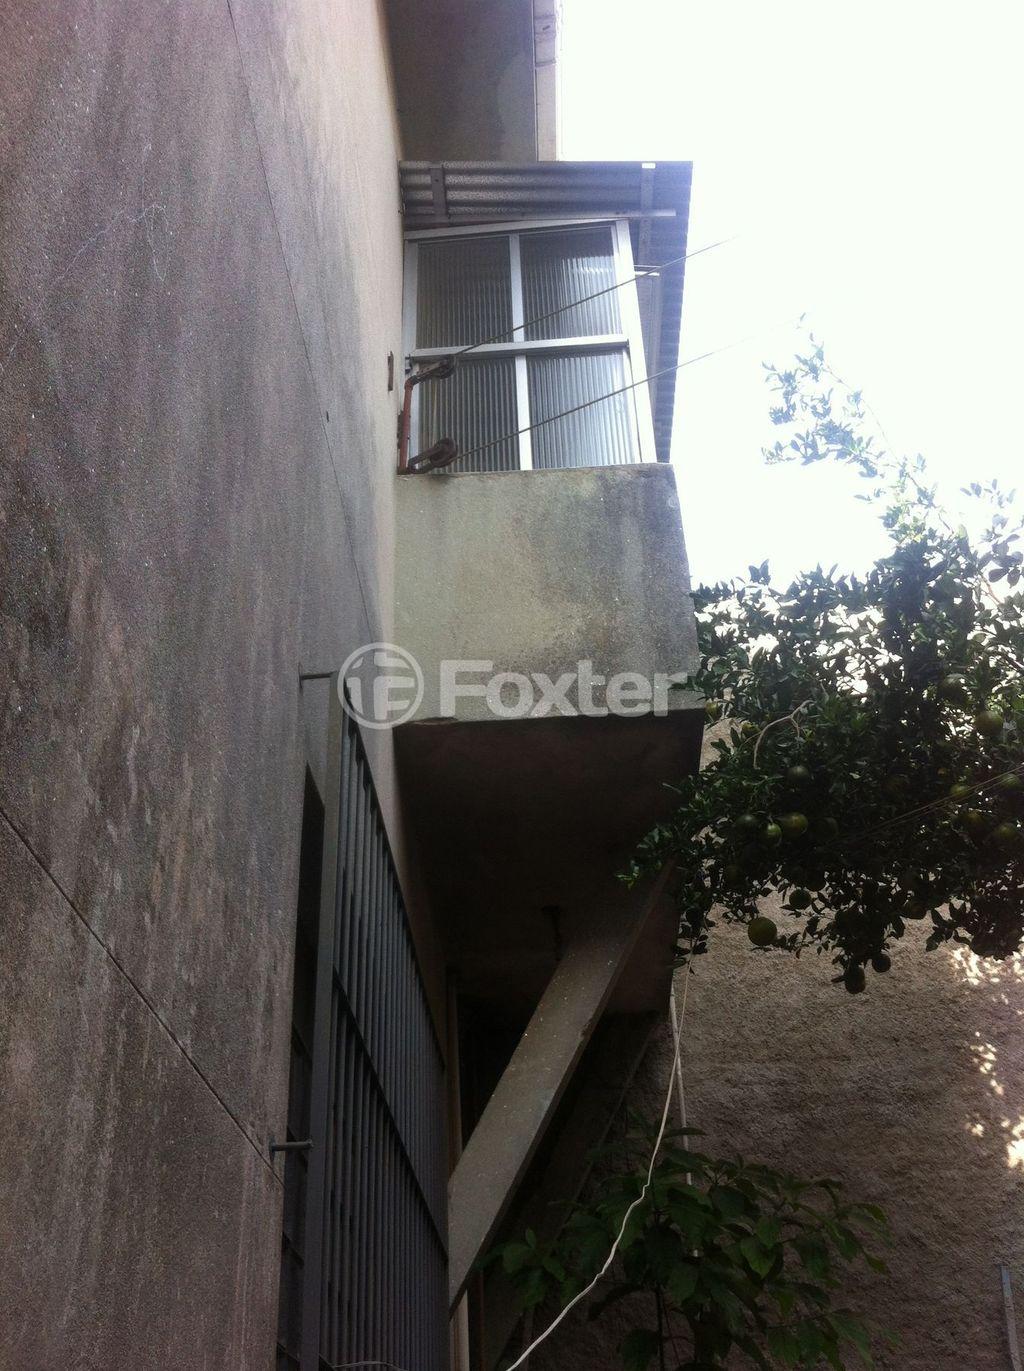 Foxter Imobiliária - Casa 2 Dorm, Humaitá (140086) - Foto 12